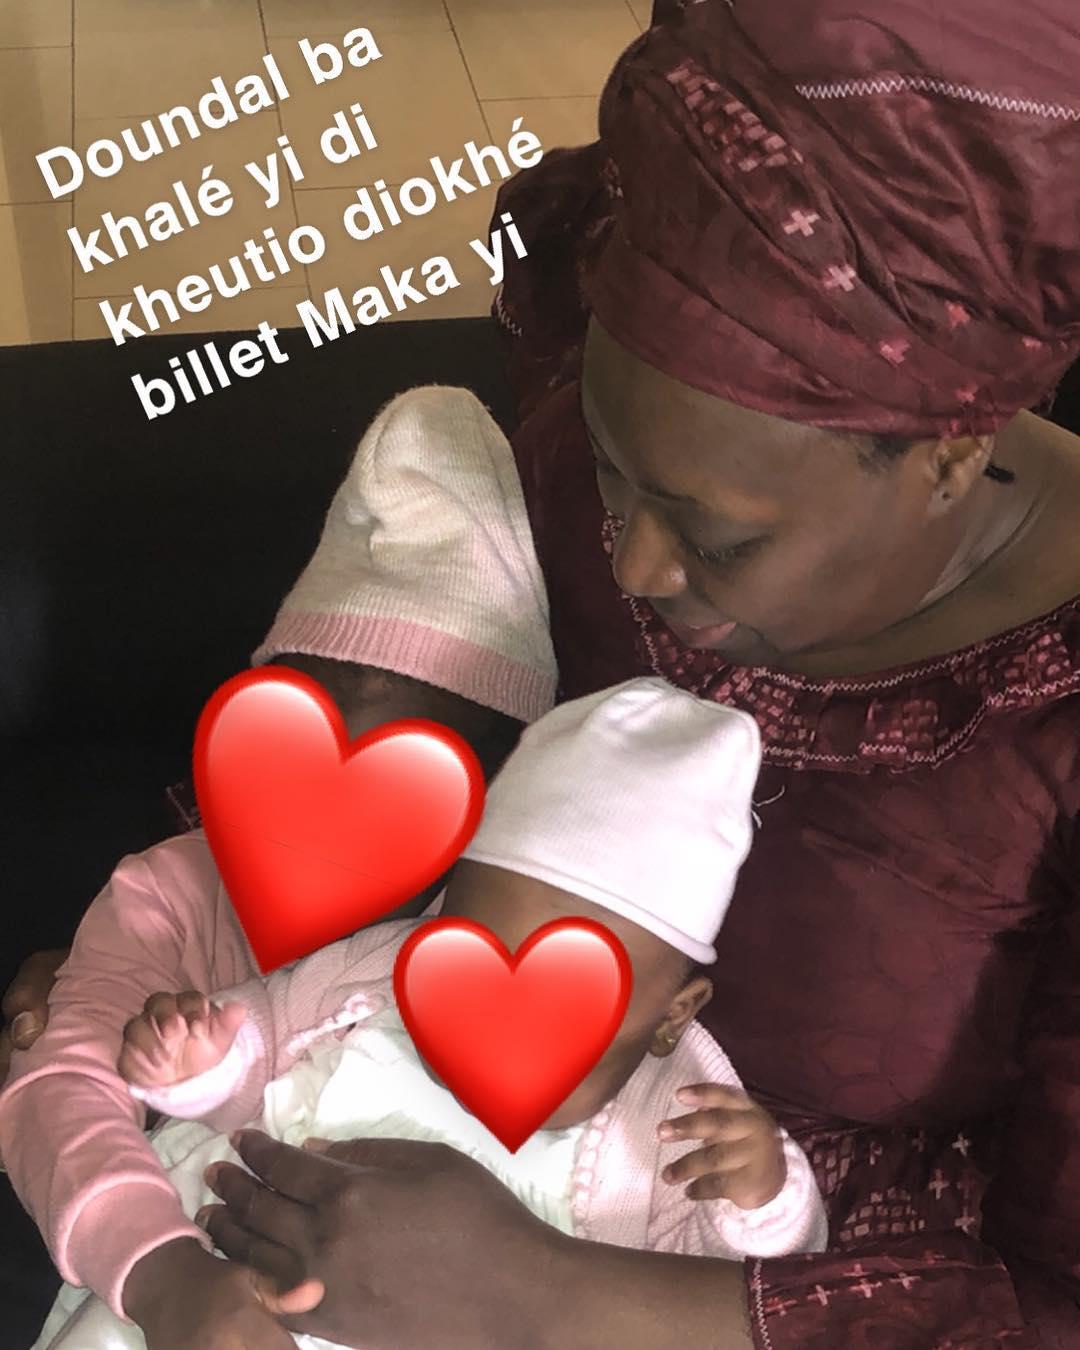 Khady-Bijou-Ndiaye-2-1 Frappante ressemblance : Khady Bijou Ndiaye dévoile sa mère pour la première fois (05 Photos)